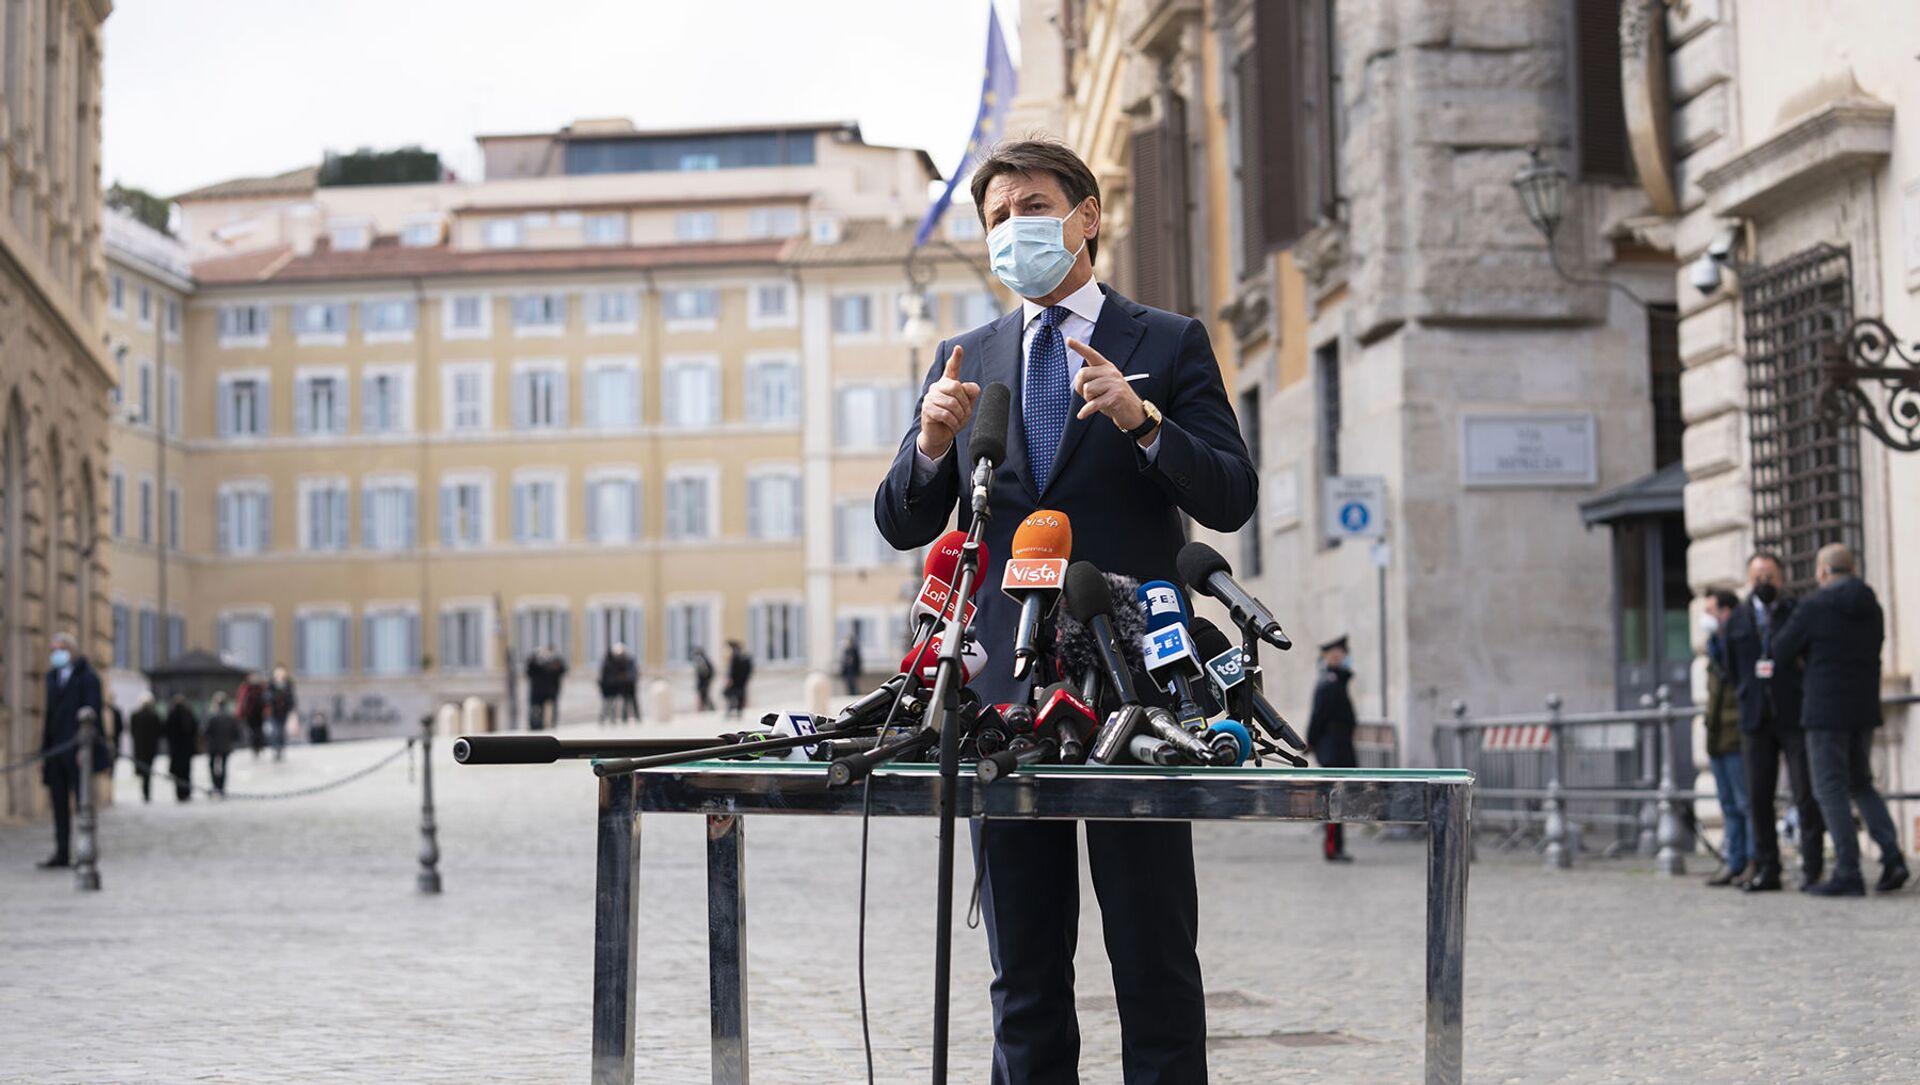 L'ultimo discorso del premier Conte - Sputnik Italia, 1920, 04.02.2021